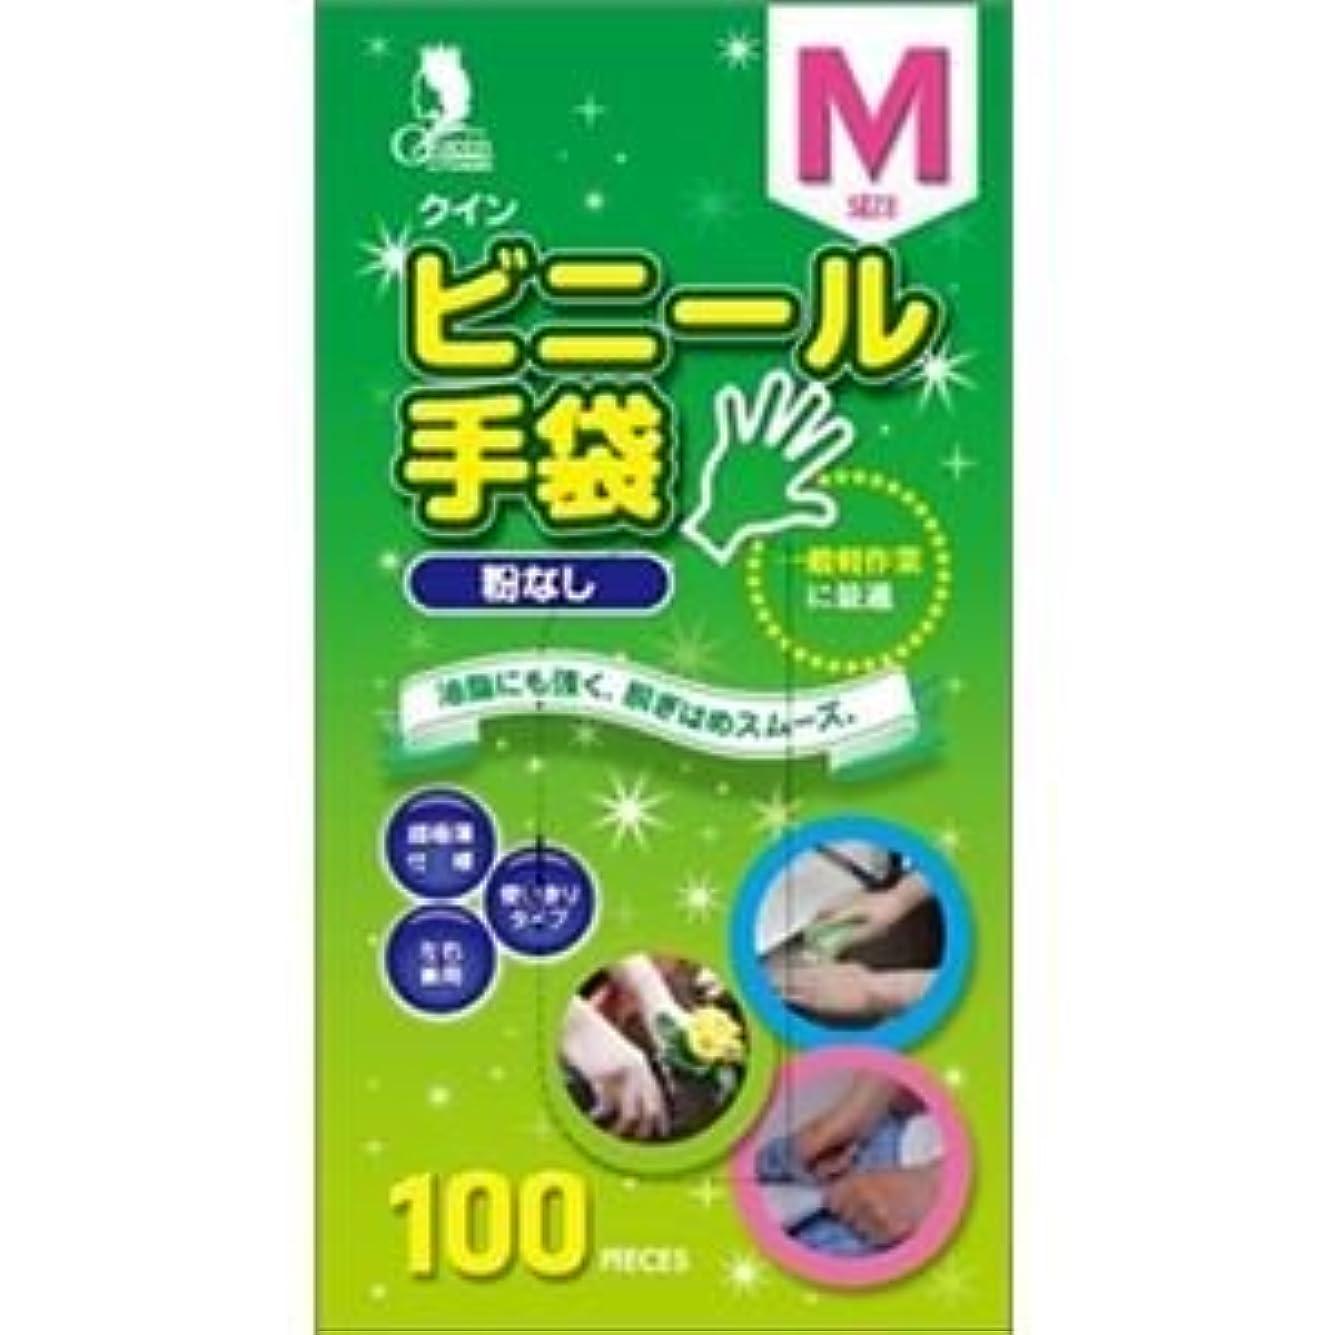 嵐発表取り替える(まとめ)宇都宮製作 クインビニール手袋100枚入 M (N) 【×3点セット】